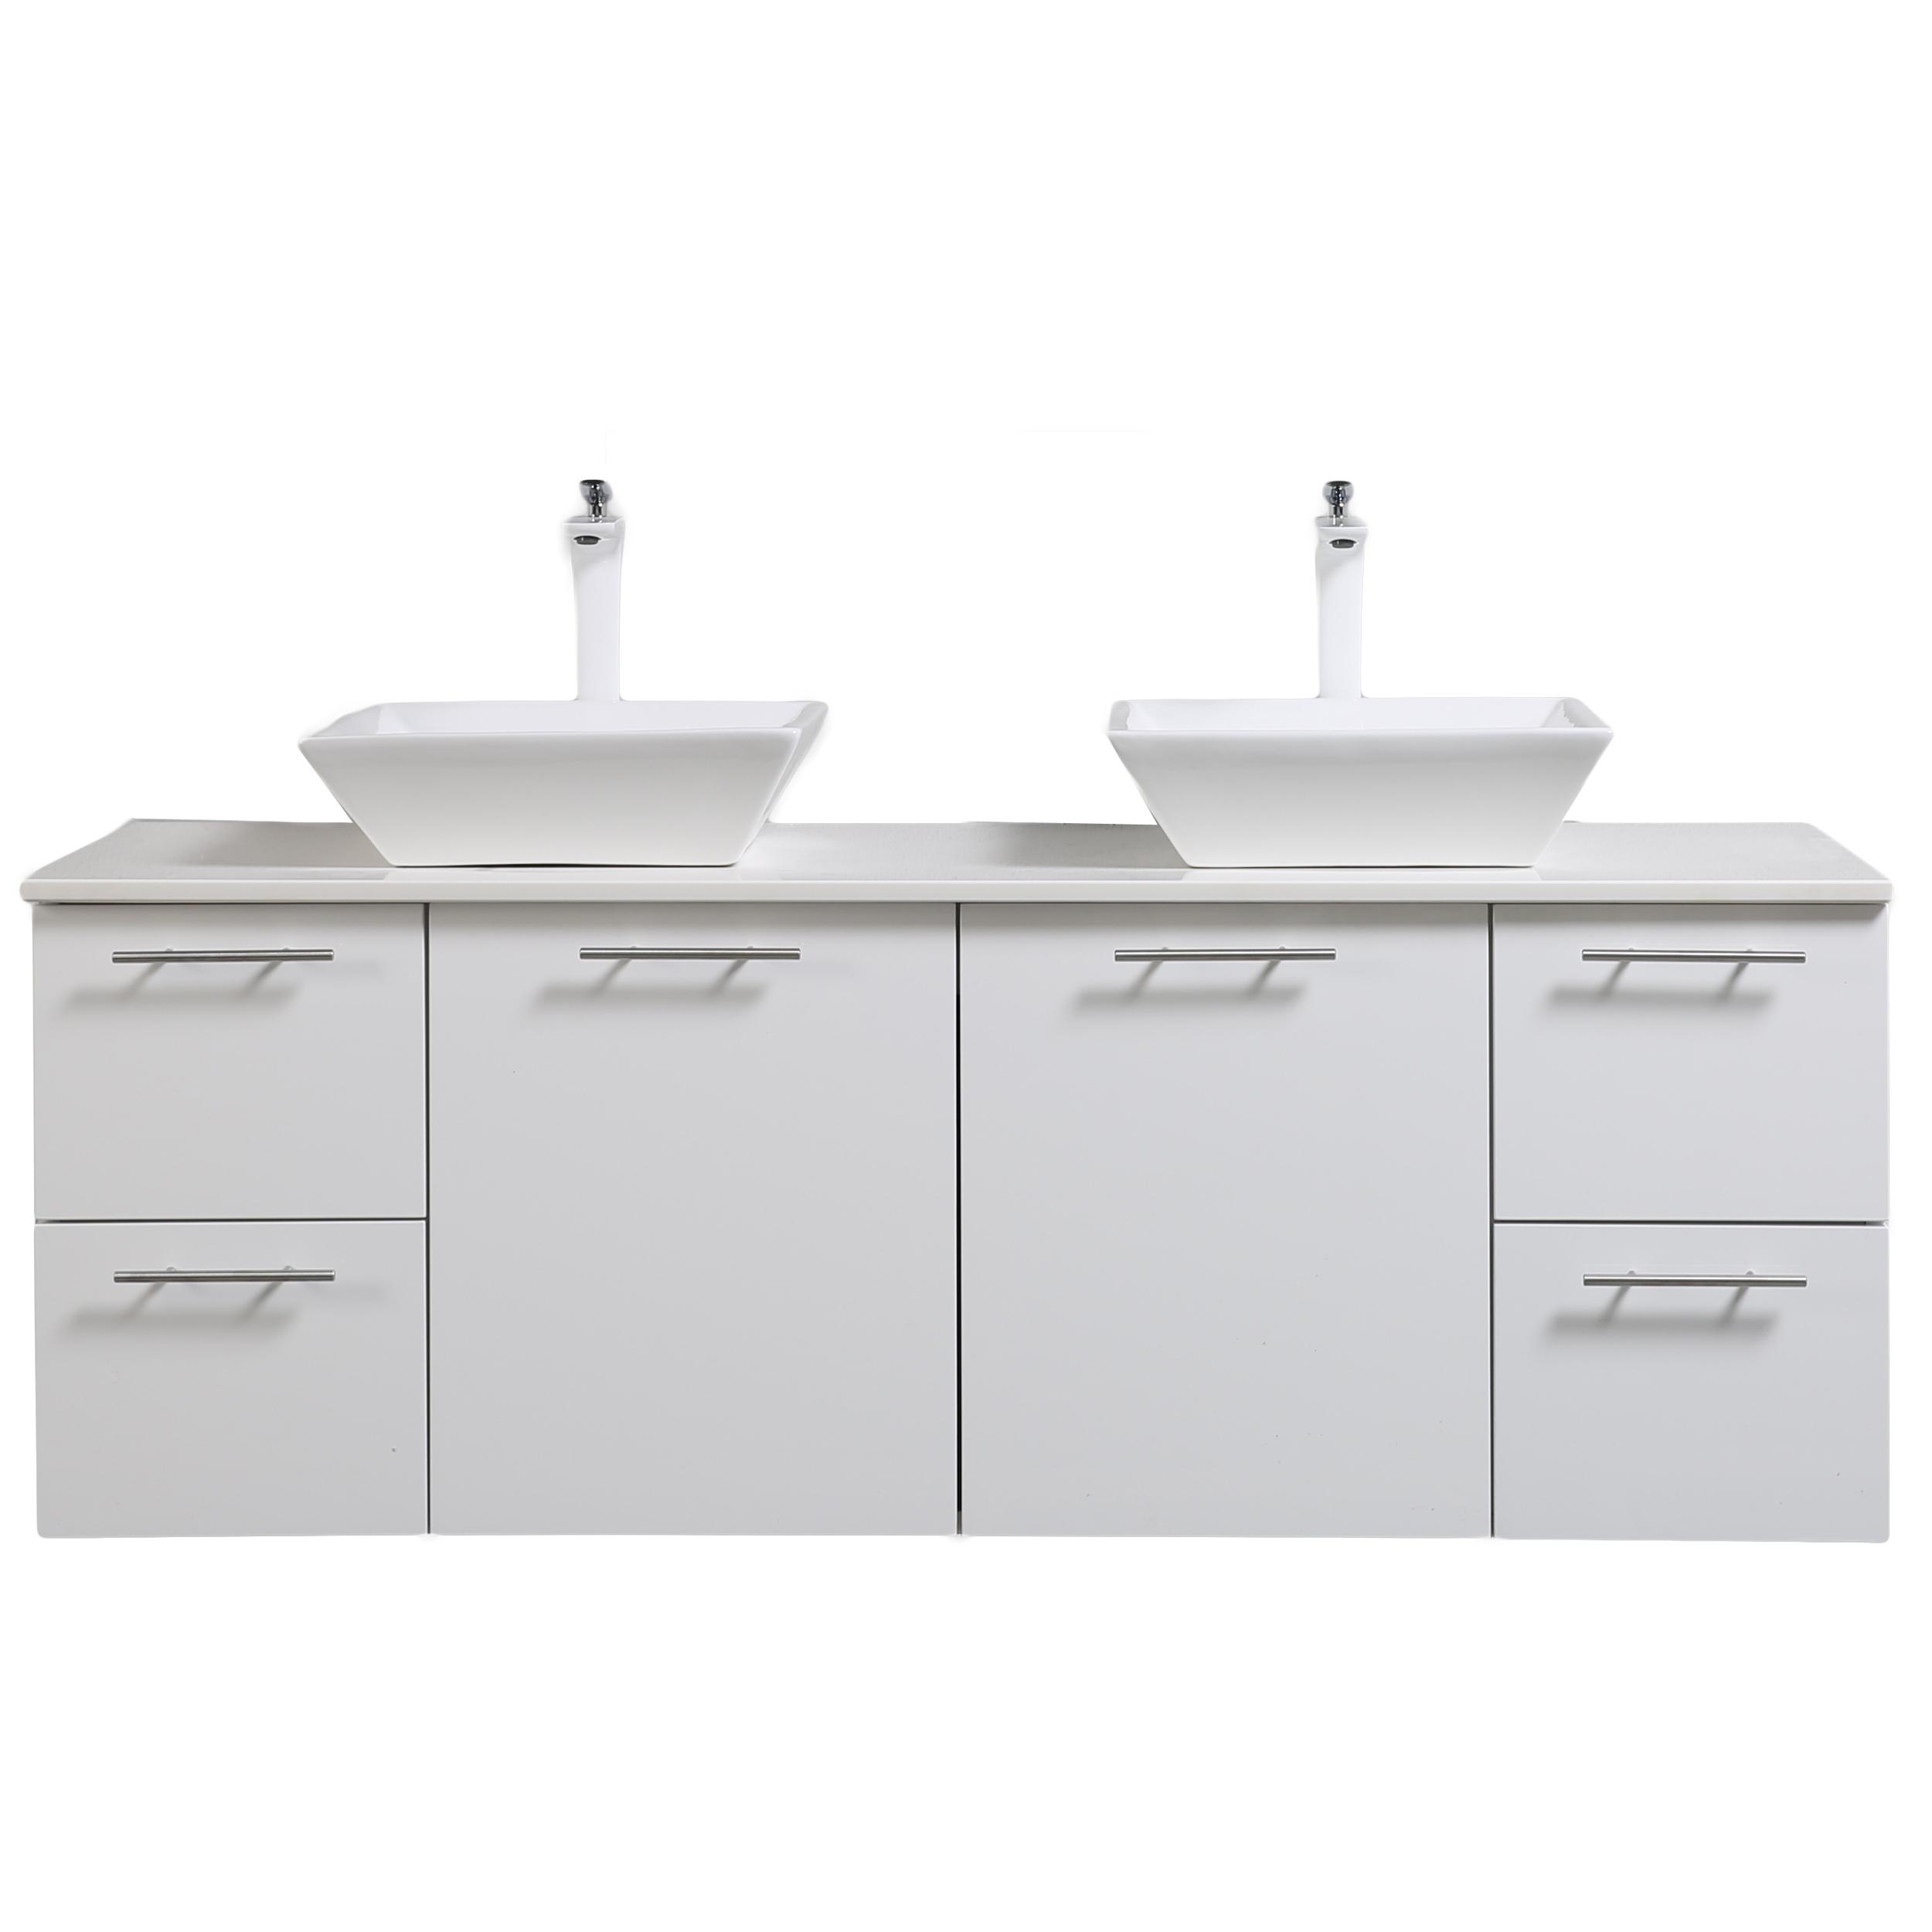 Eviva Luxury 60 Inch White Bathroom Vanity With Top